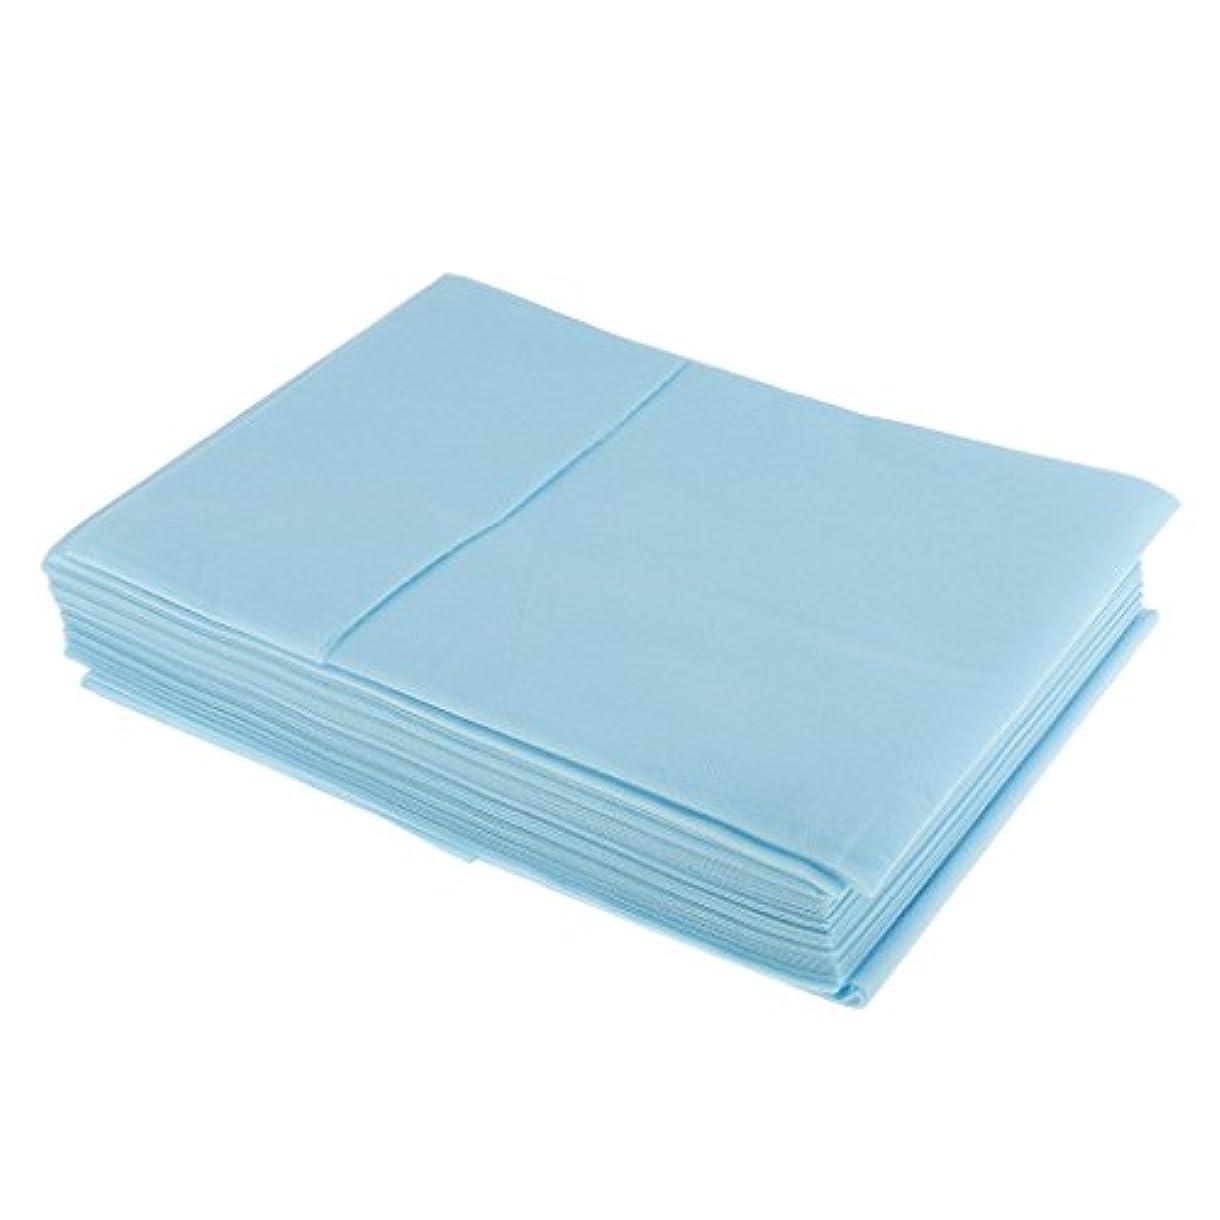 ブリード乳白ロケーション10枚入り 使い捨て 美容室/マッサージ/サロン/ホテル ベッドパッド 旅行用 衛生シート 全3色選べ - 青